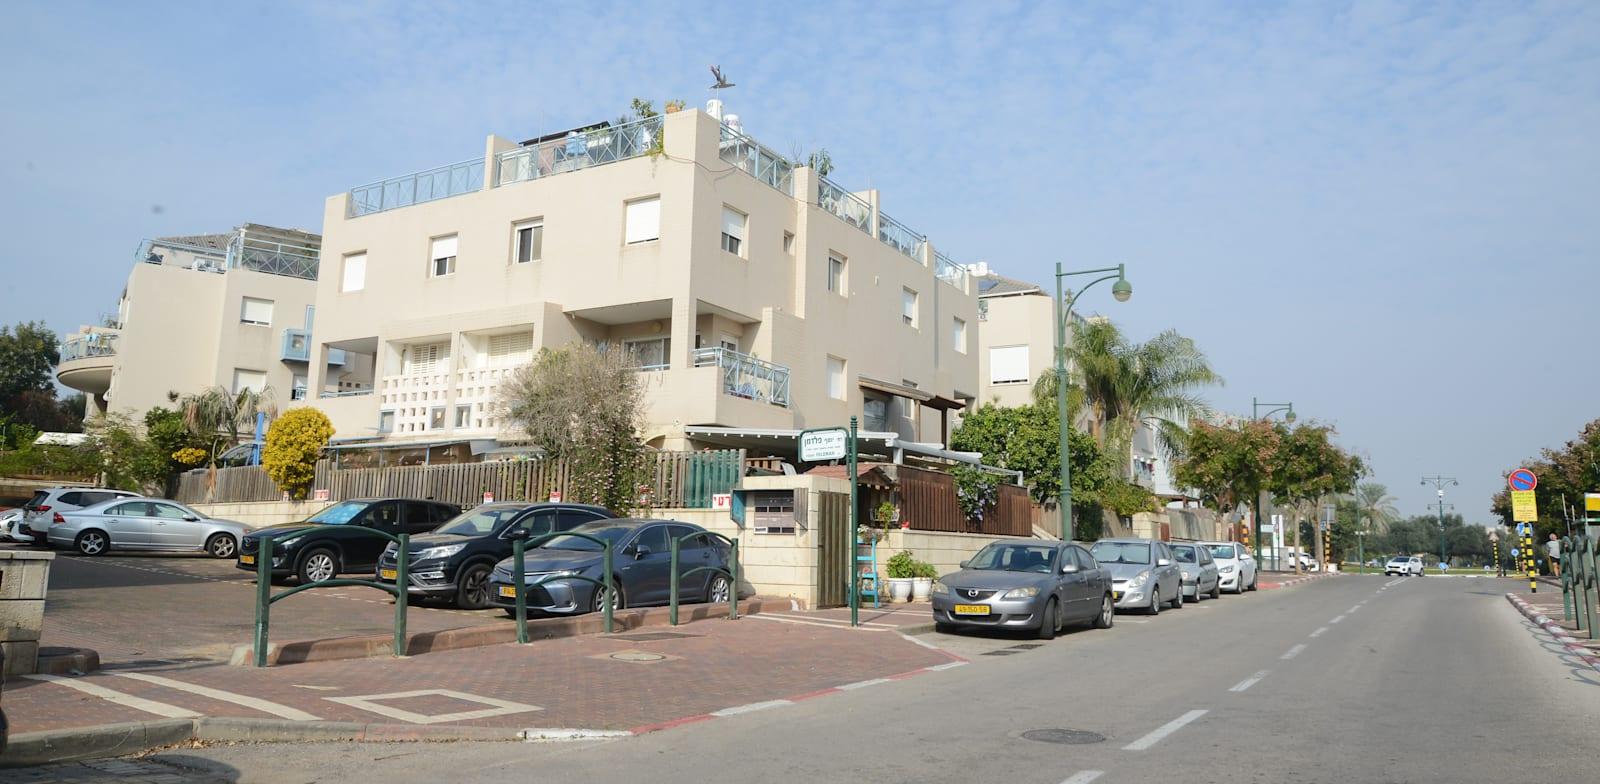 שכונת מליבו  בנס ציונה. דירות גדולות ומחירים גבוהים / צילום: איל יצהר